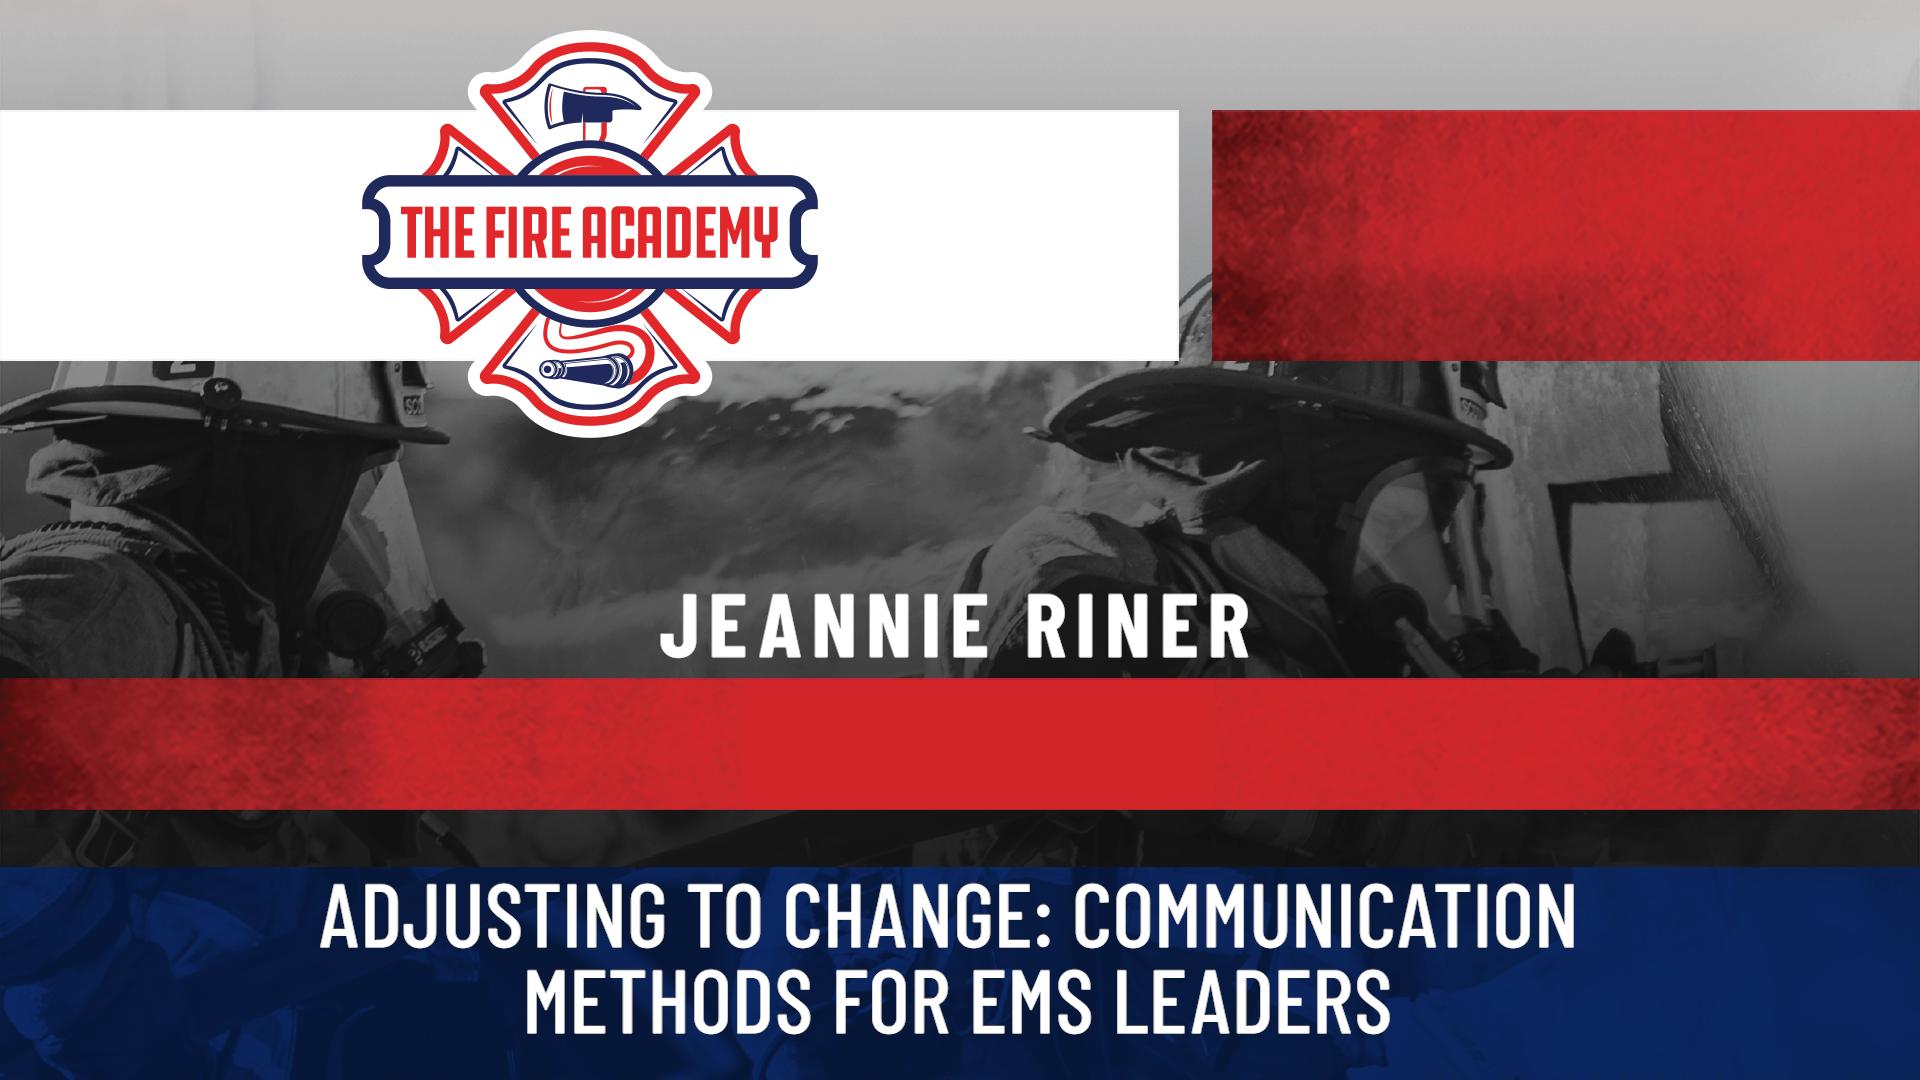 Adjusting to Change: Communication Methods for EMS Leaders